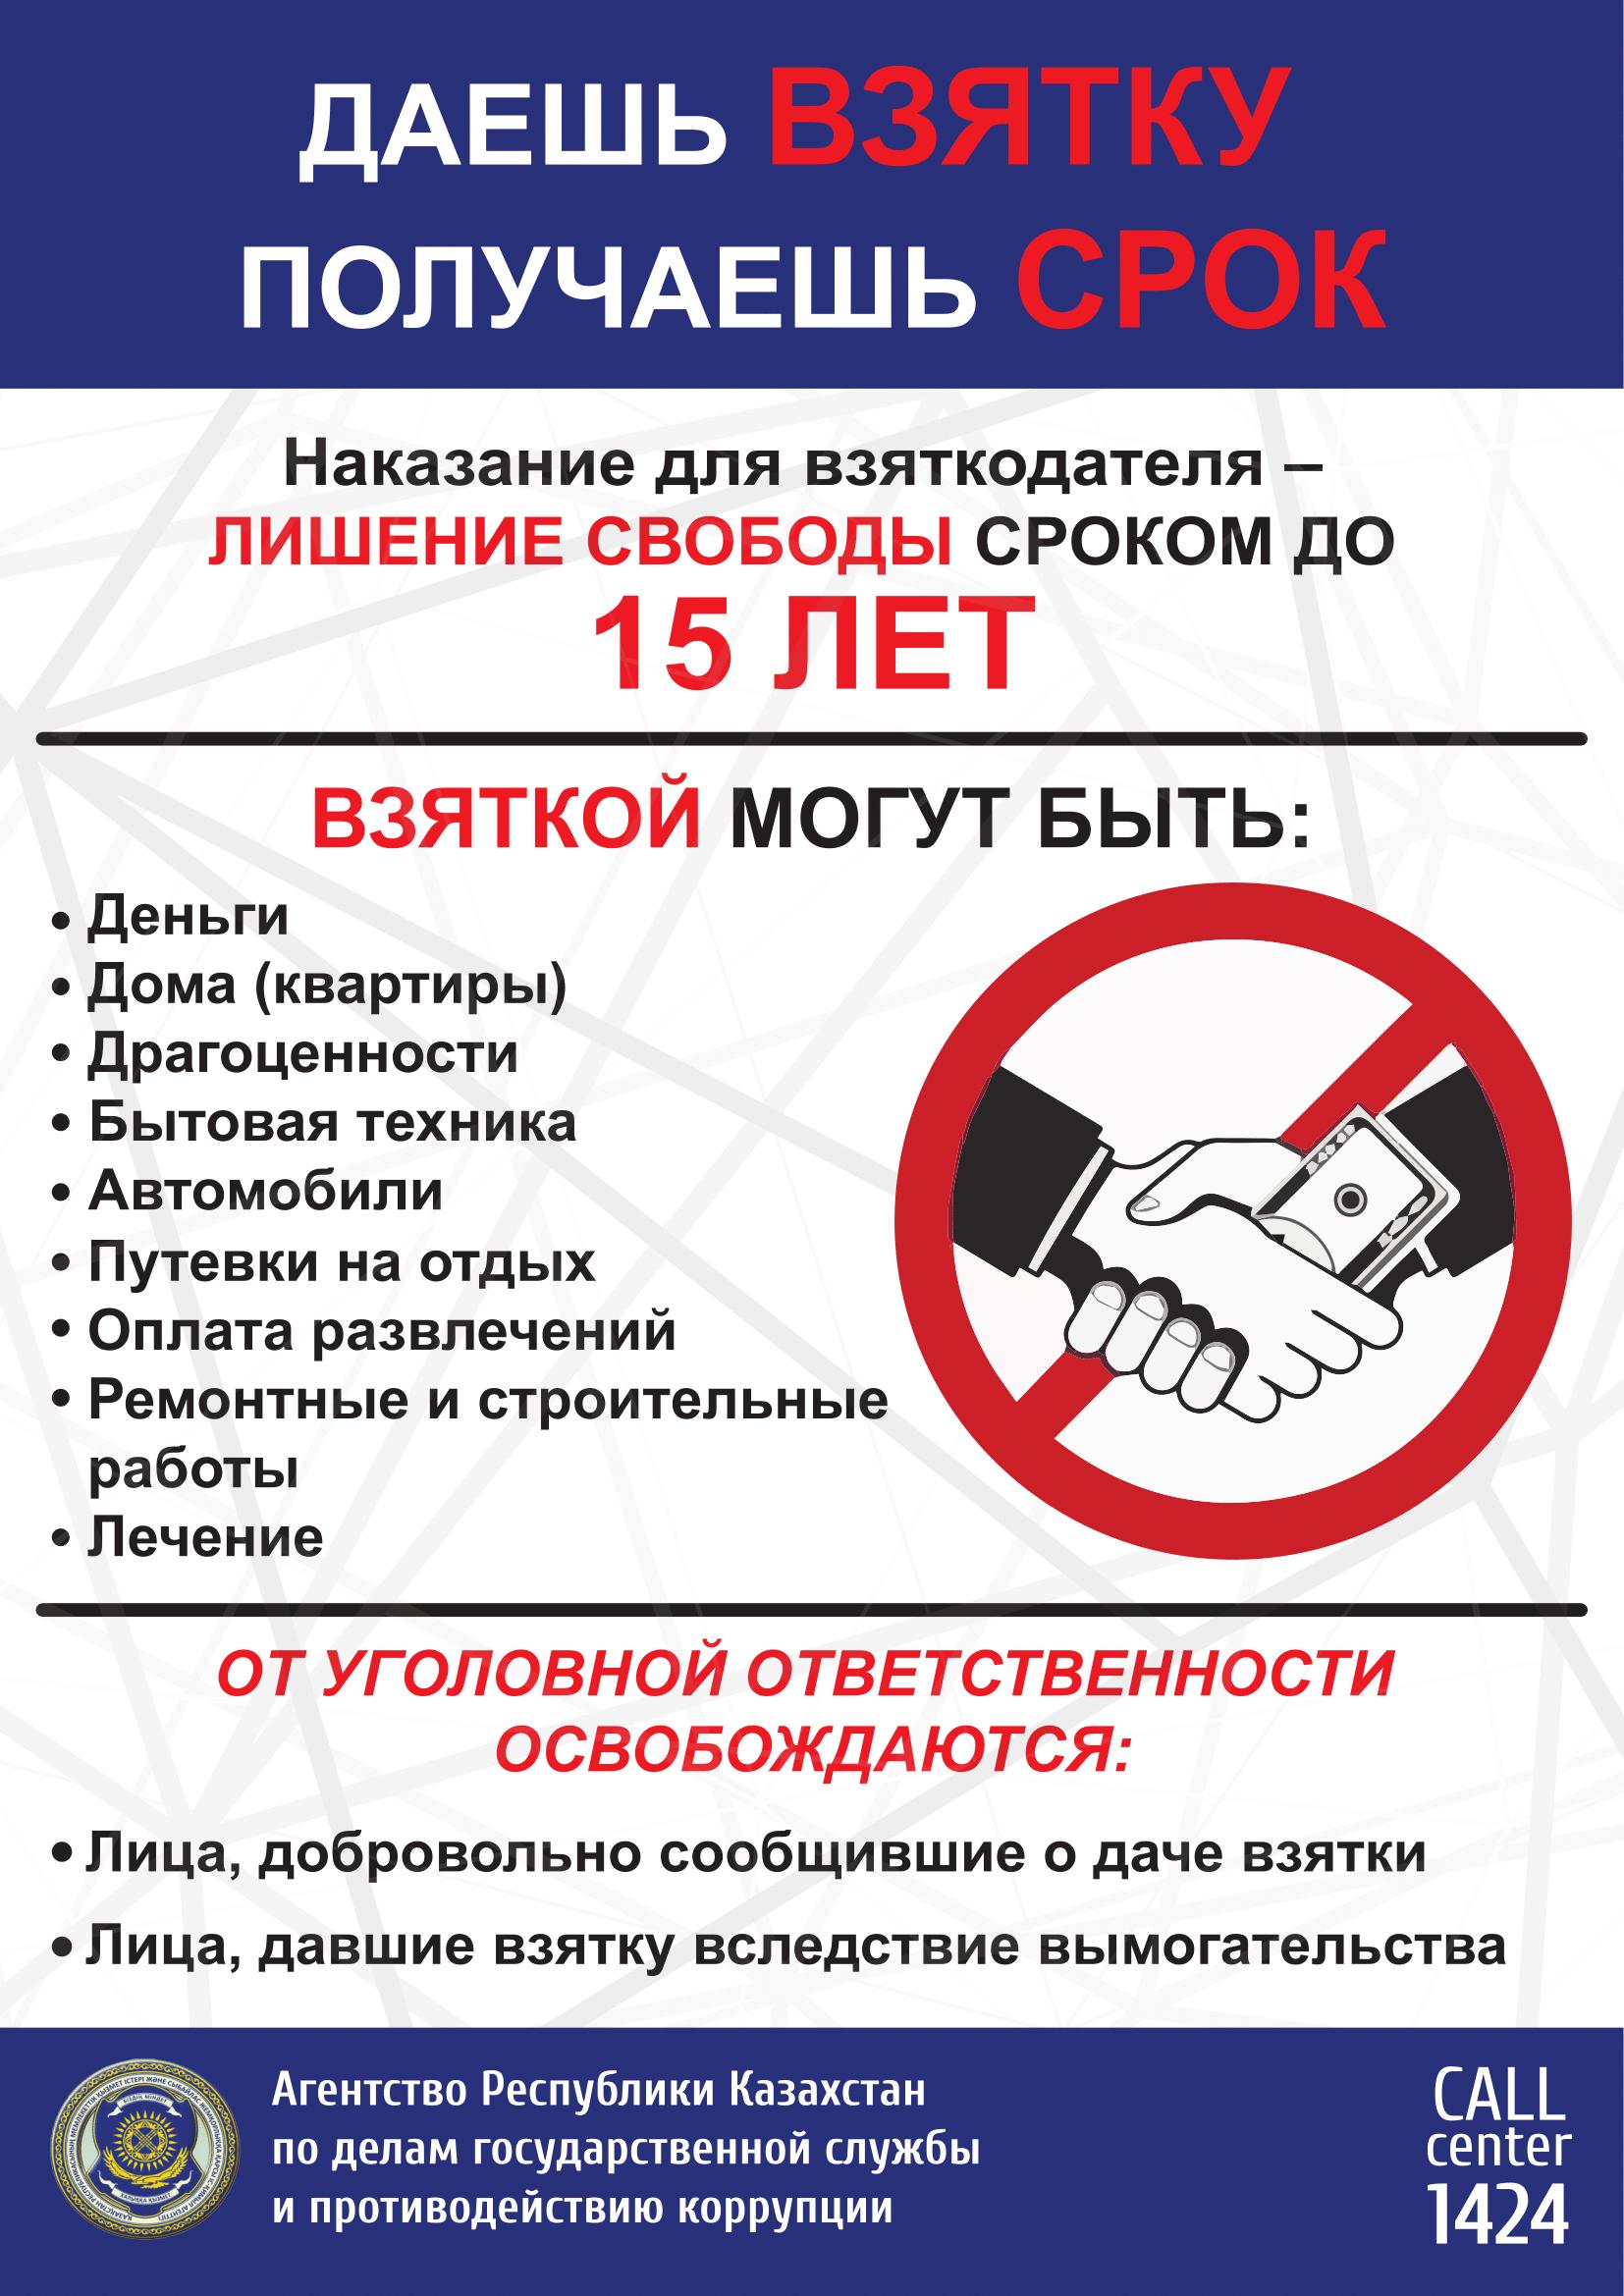 Эскиз флаера рус2